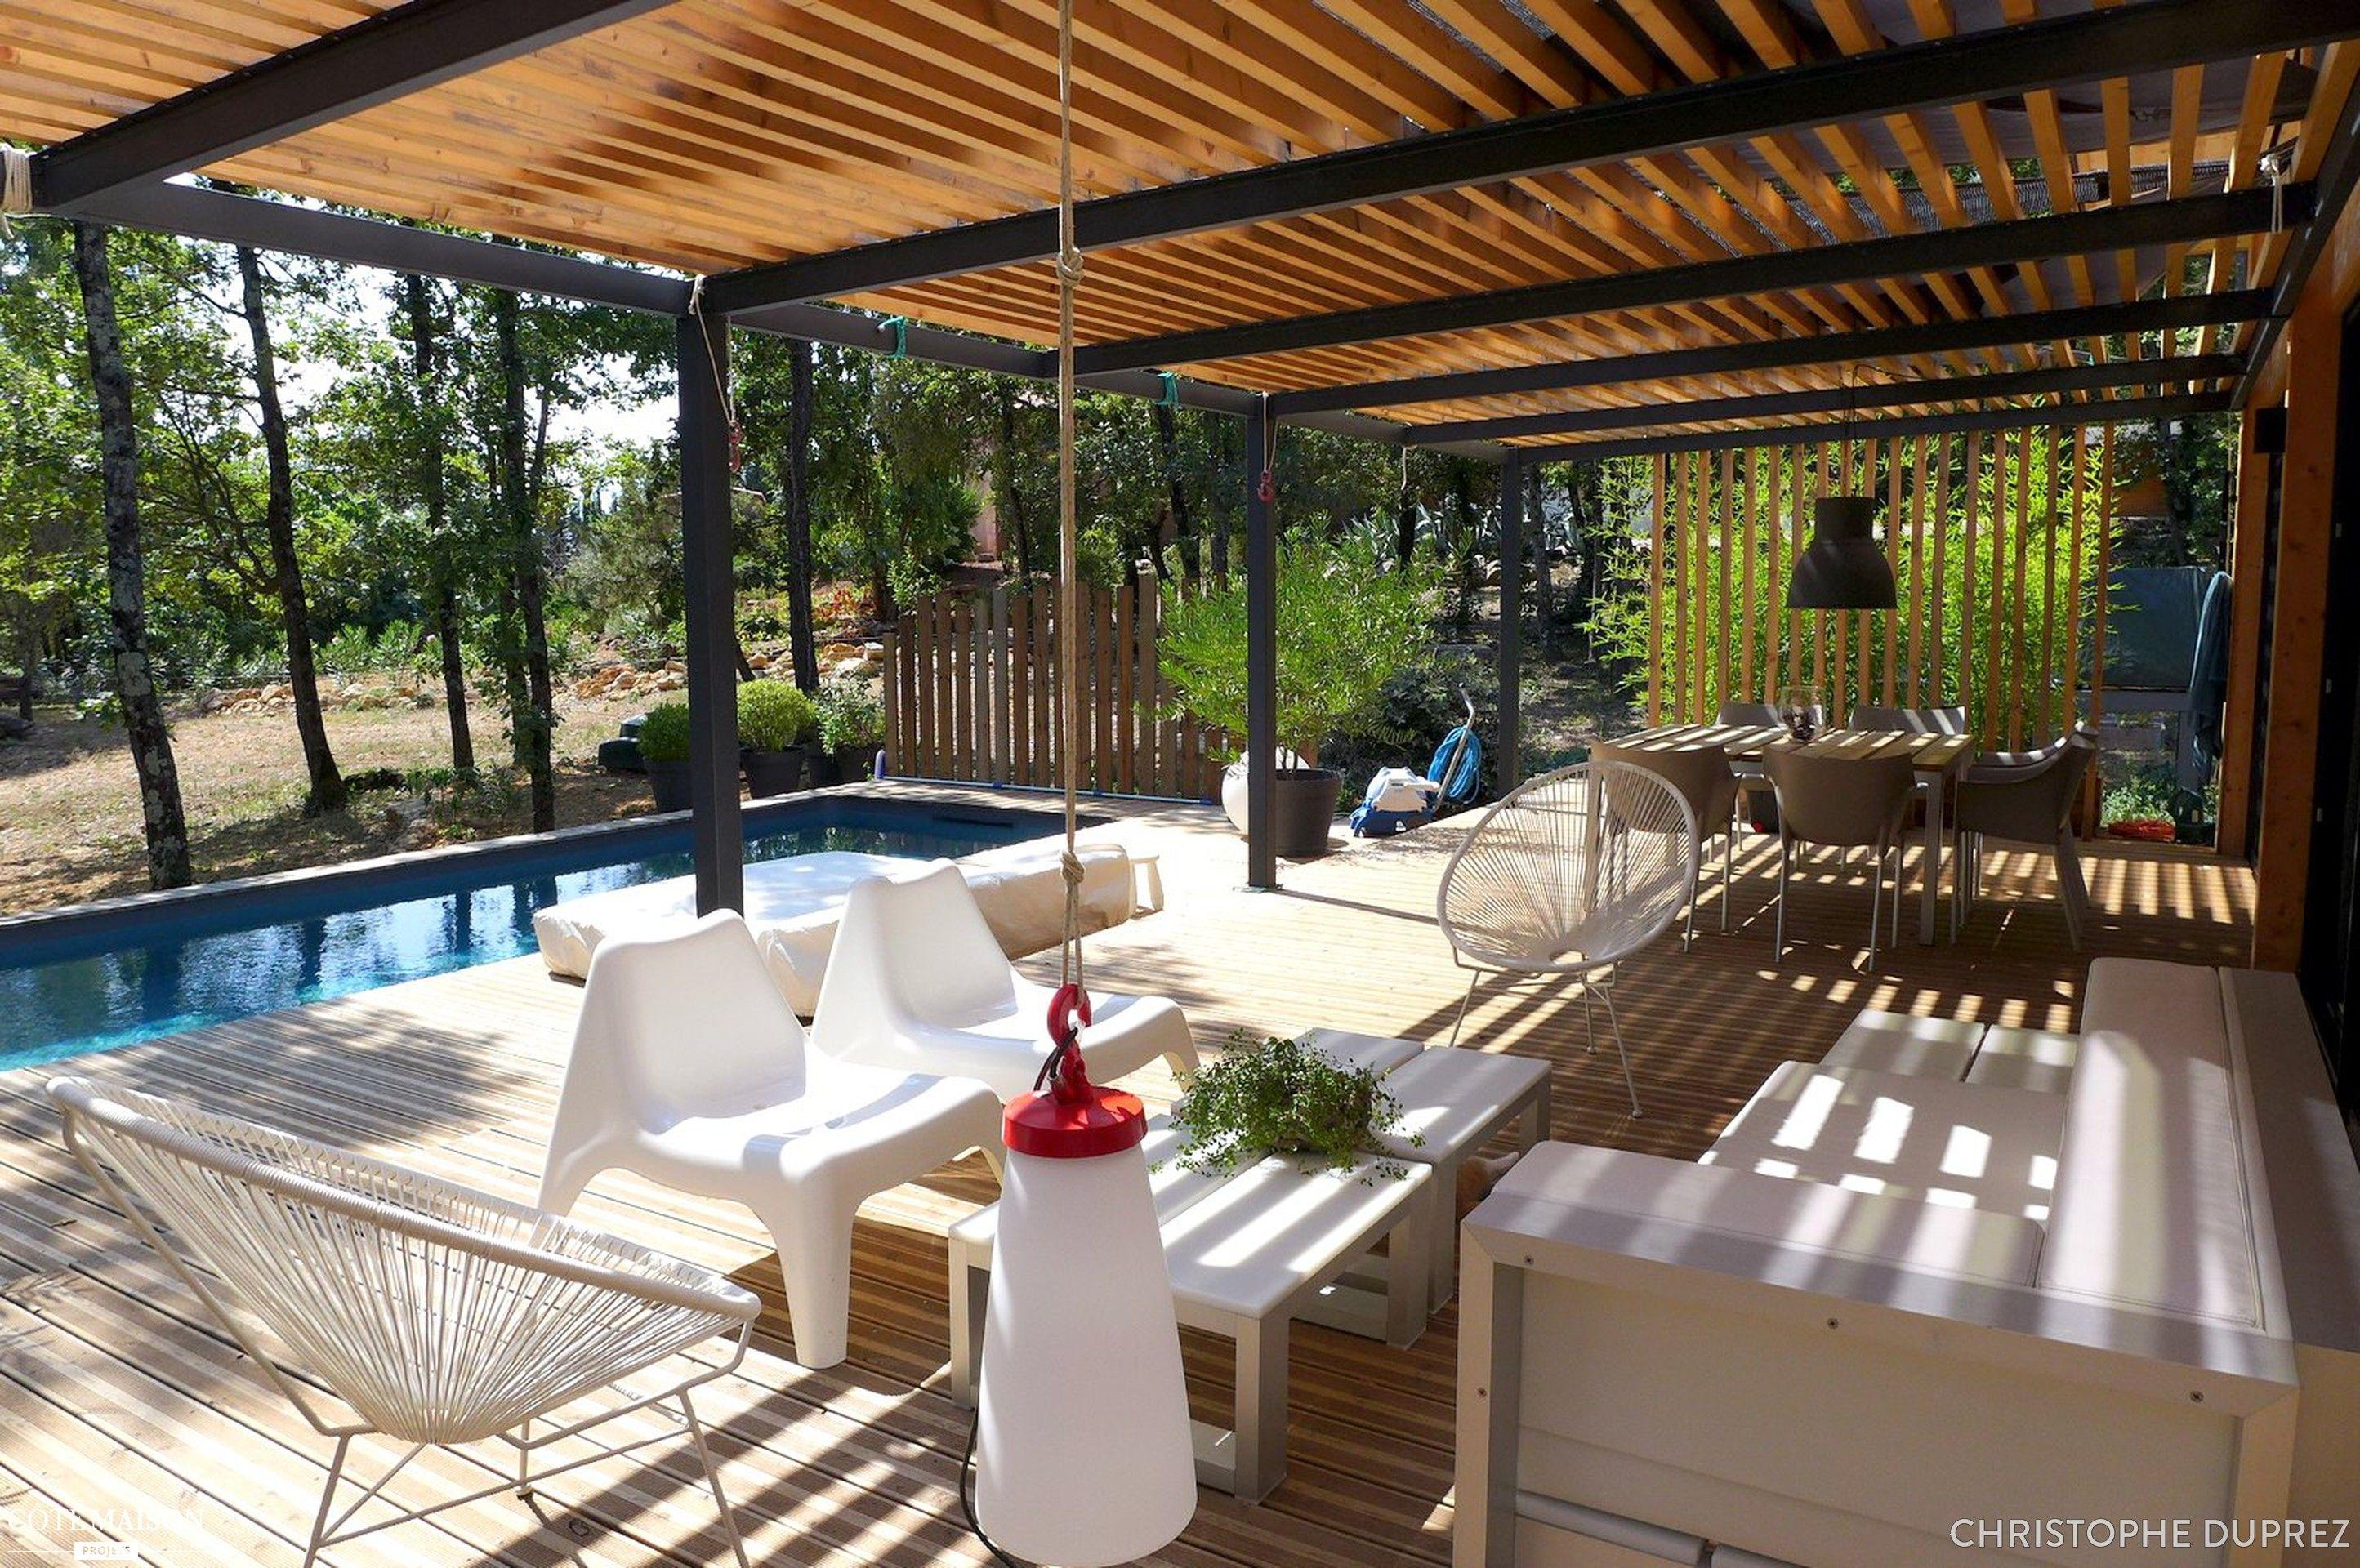 Fabriquer Une Tonnelle En Bois une maison à ossature bois, christophe duprez - côté maison